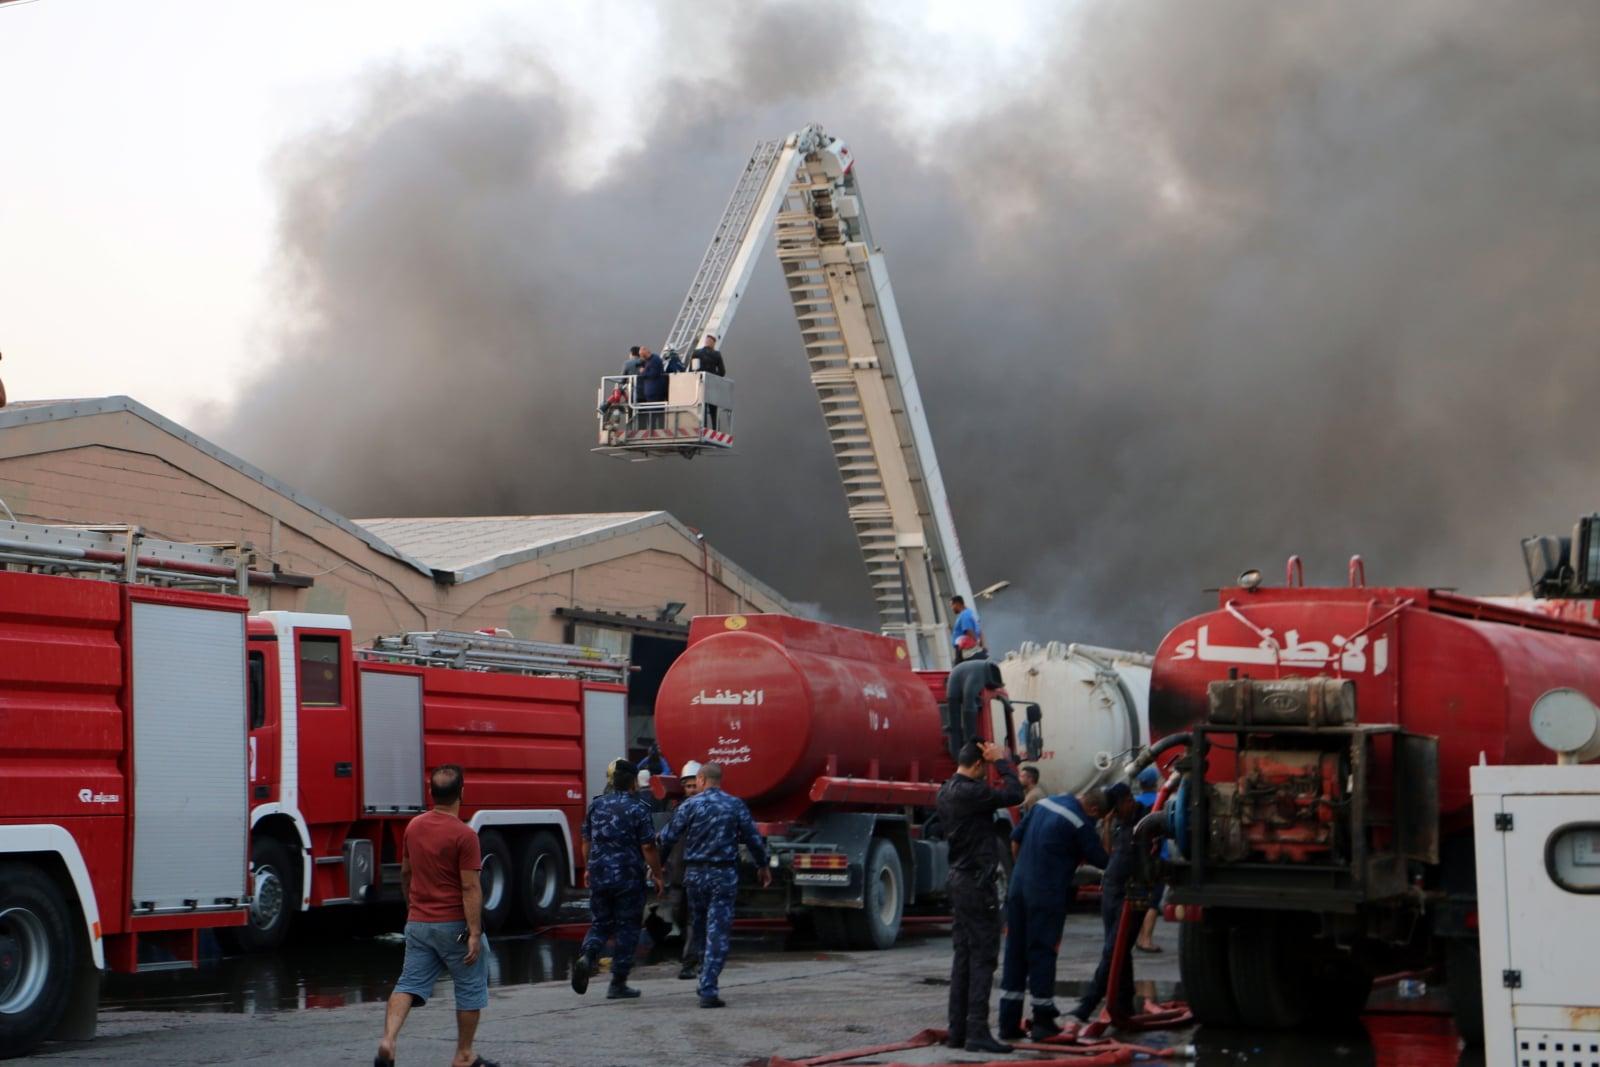 Irak fot. EPA/MURTADHA RIDHA Dostawca: PAP/EPA.